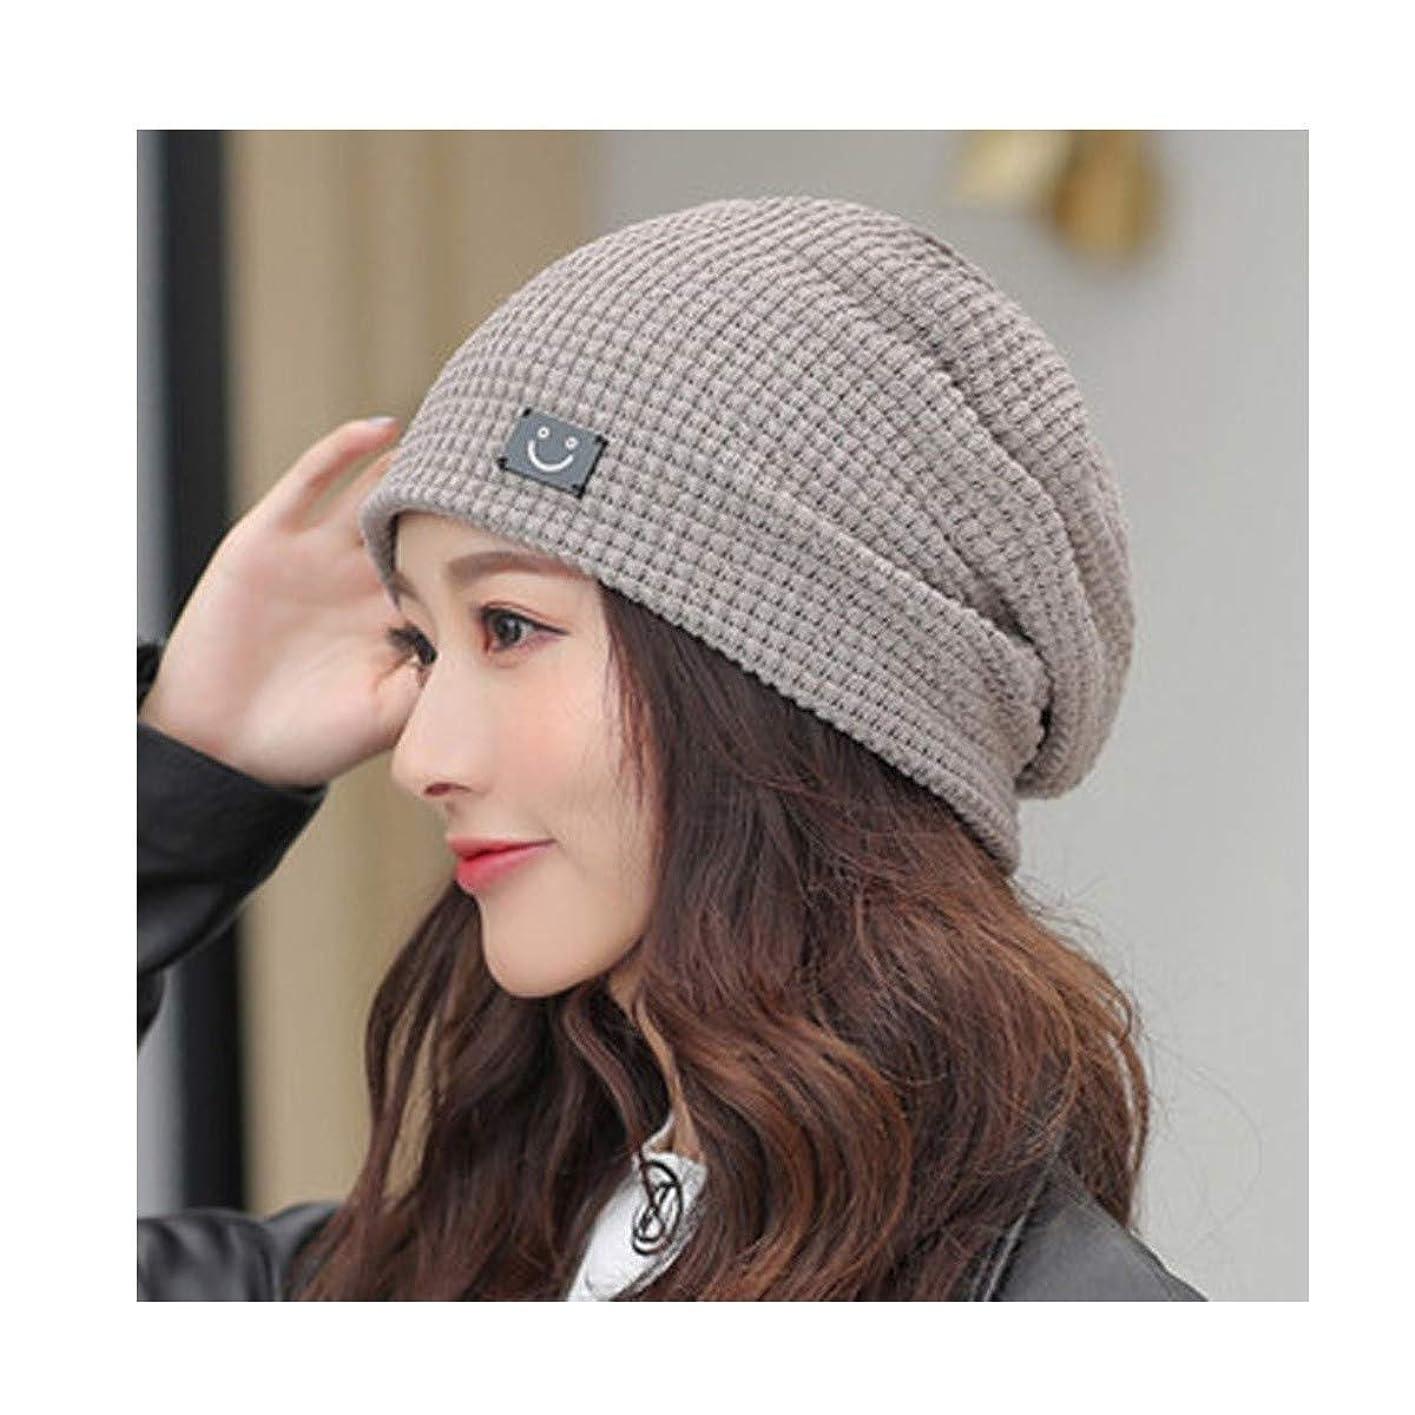 カップほこり荒らすKYK 秋と冬の帽子、女性、冬、帽子の山、女性のウールの帽子、かわいい甘いファッション旅行帽子、冬暖かいスカーフカジュアル潮屋外は キャップ[55?60センチメートル] (Color : C)